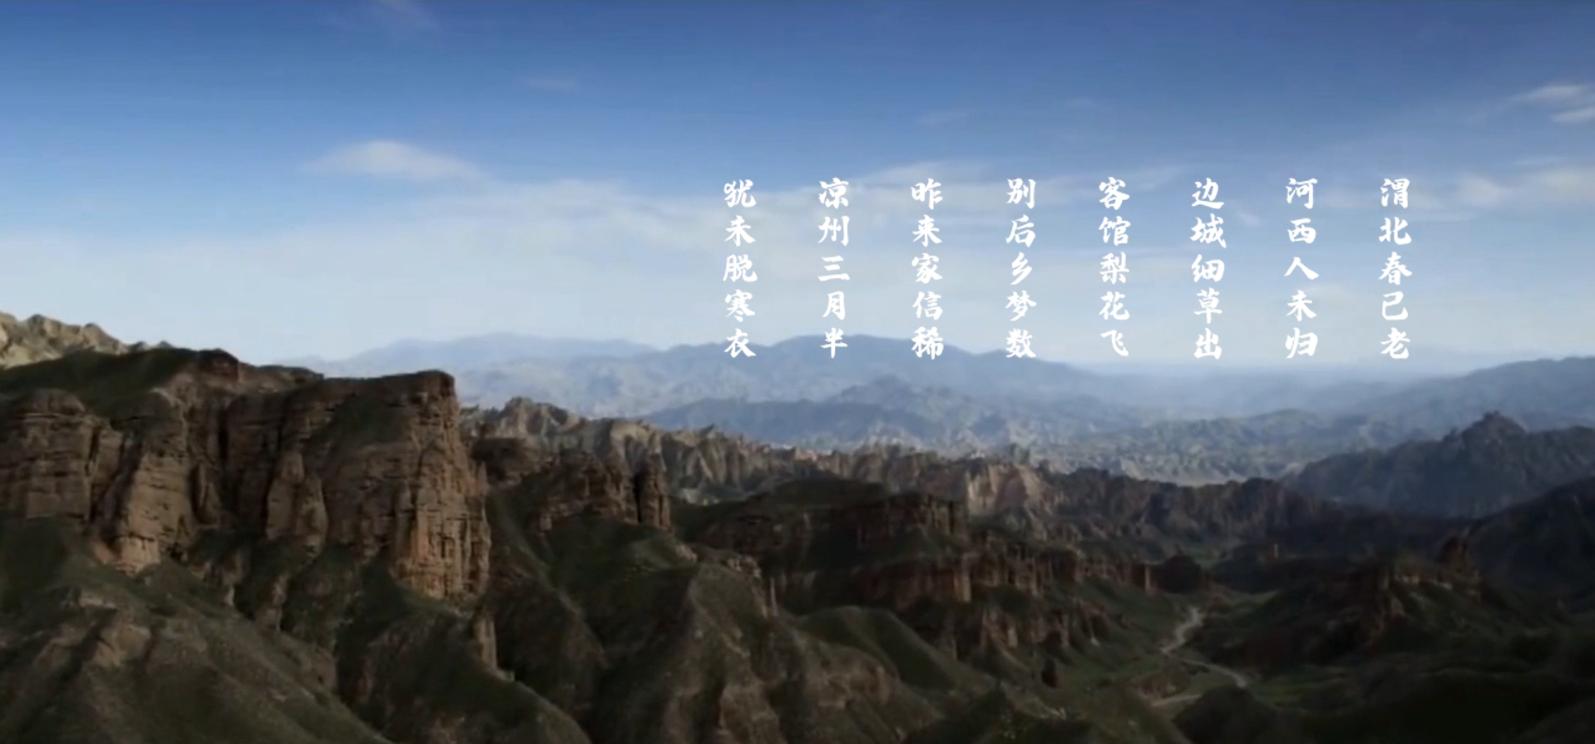 歌声里的甘肃 第六站《河西走廊之梦》